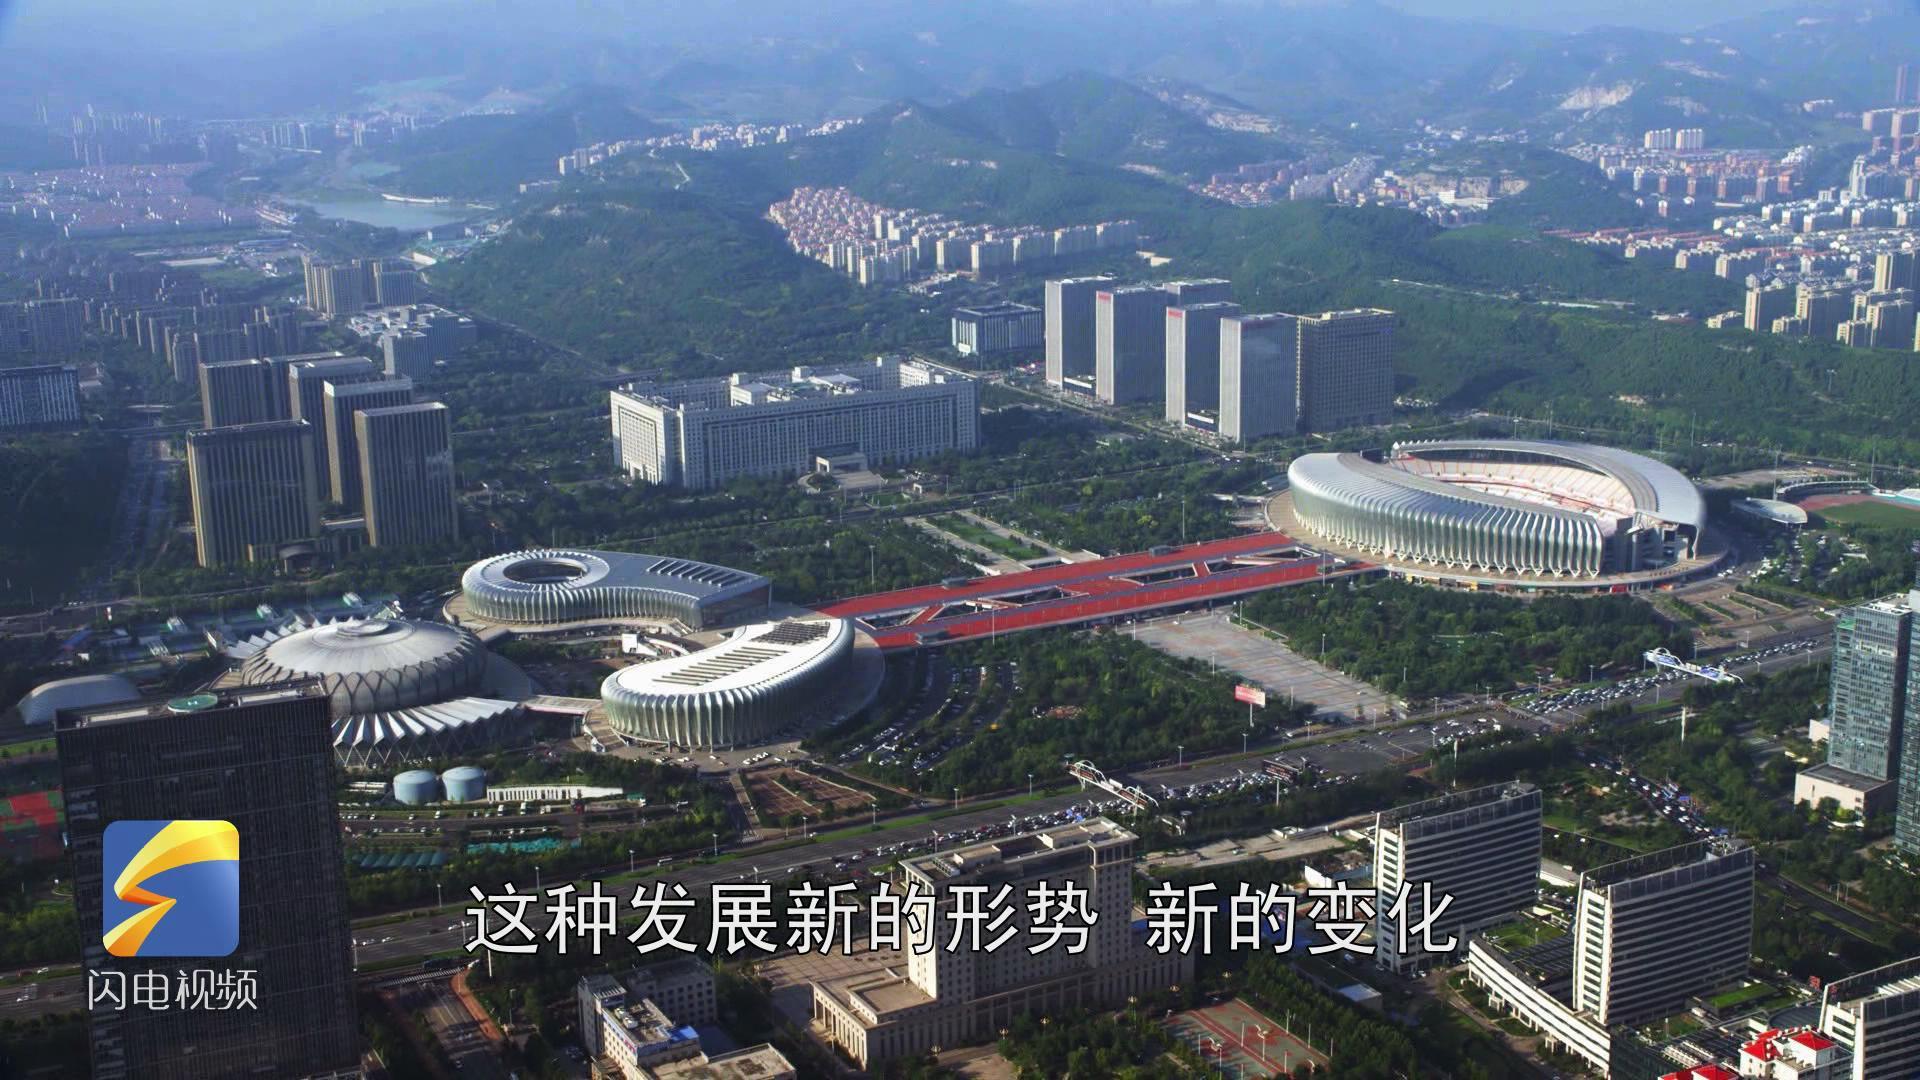 中改院院长迟福林建言山东:为人才提供一个好的发展环境